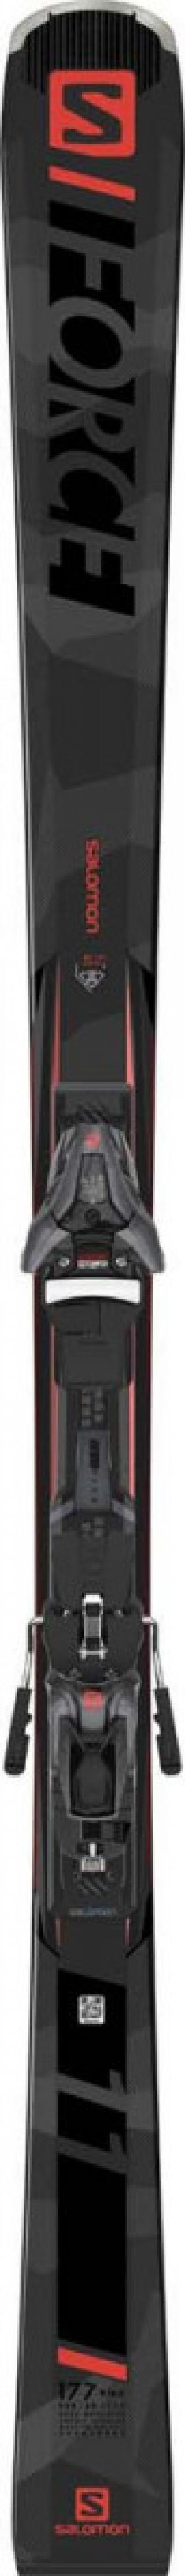 Salomon S/Force 11   Z12 GW 21/22 Délka: 163 cm